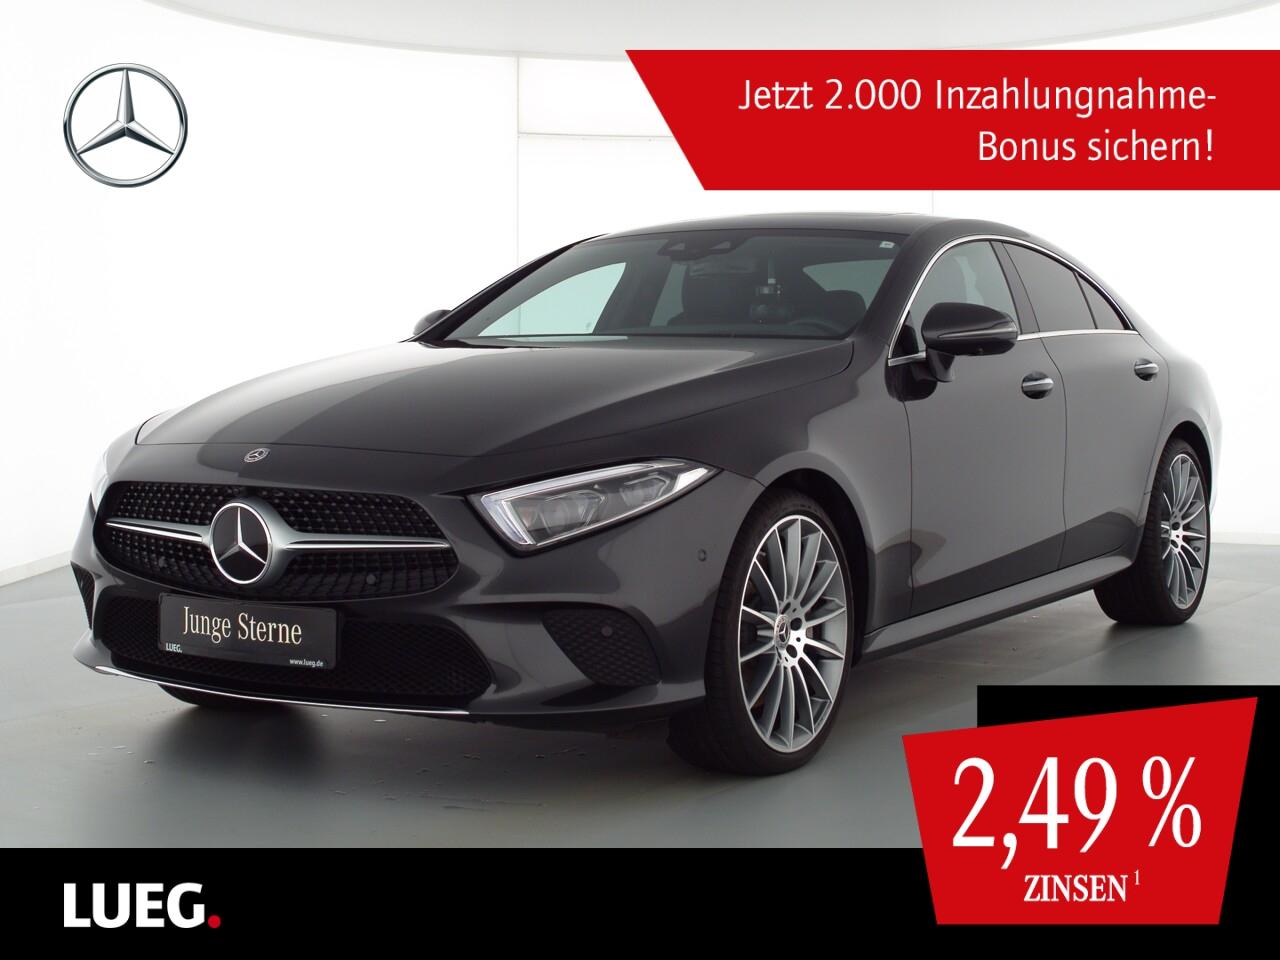 Mercedes-Benz CLS 450 4M COM+SHD+Burm+Mbeam+20AMG+Wide+Mem+360, Jahr 2018, Benzin